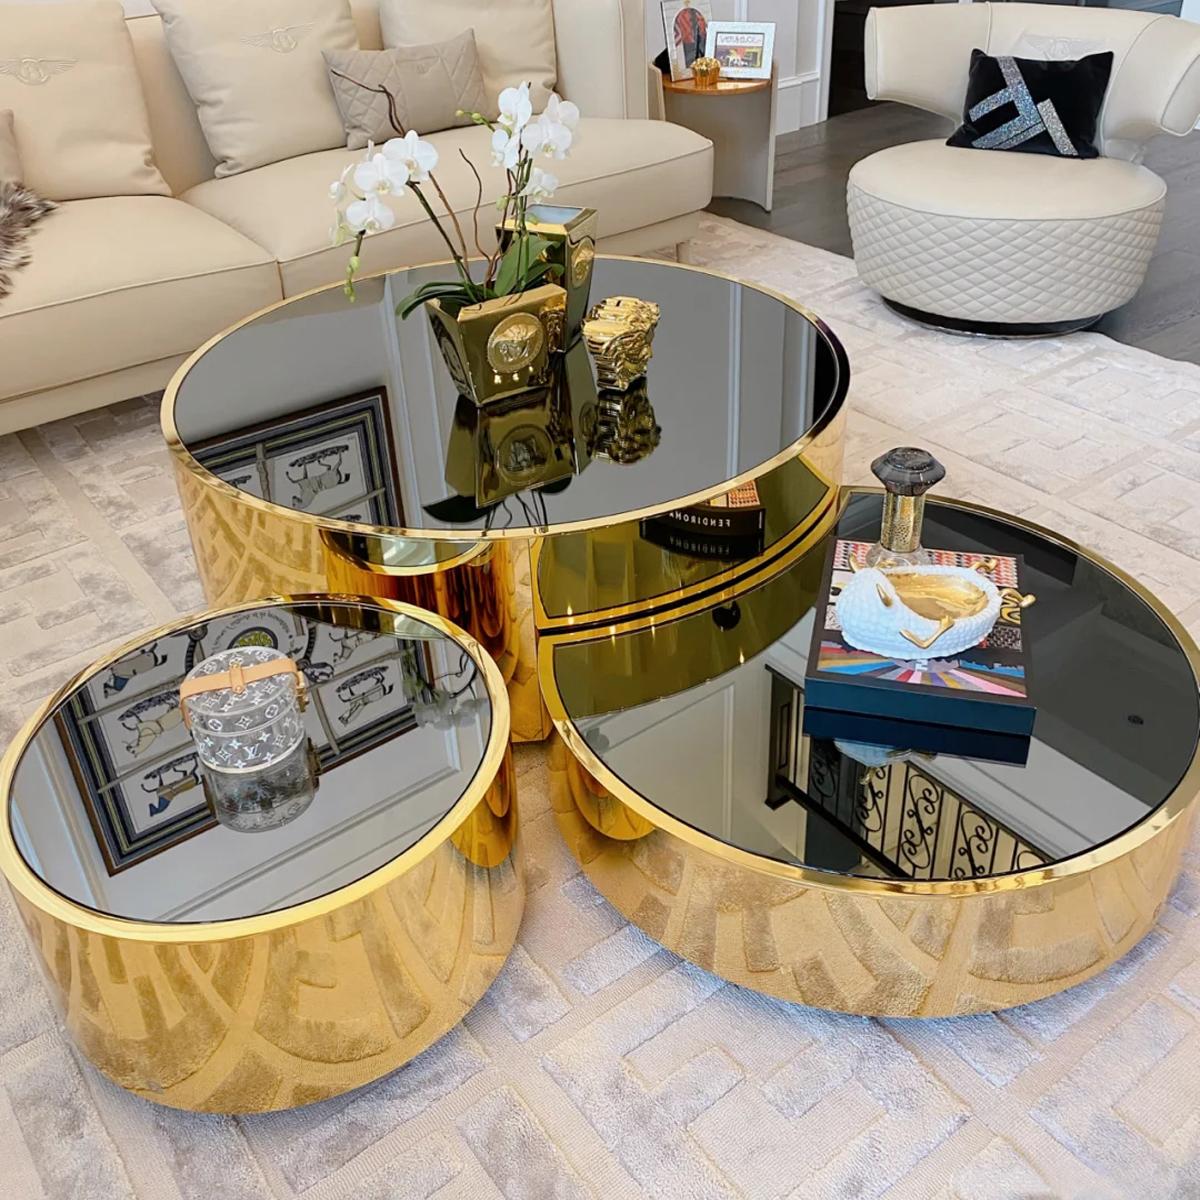 北欧は簡単で現代茶の何ソファーの客間のガラスのお茶台の簡単な家具は軽奢で贅沢な小型住宅型の円形の小さいテーブルです。